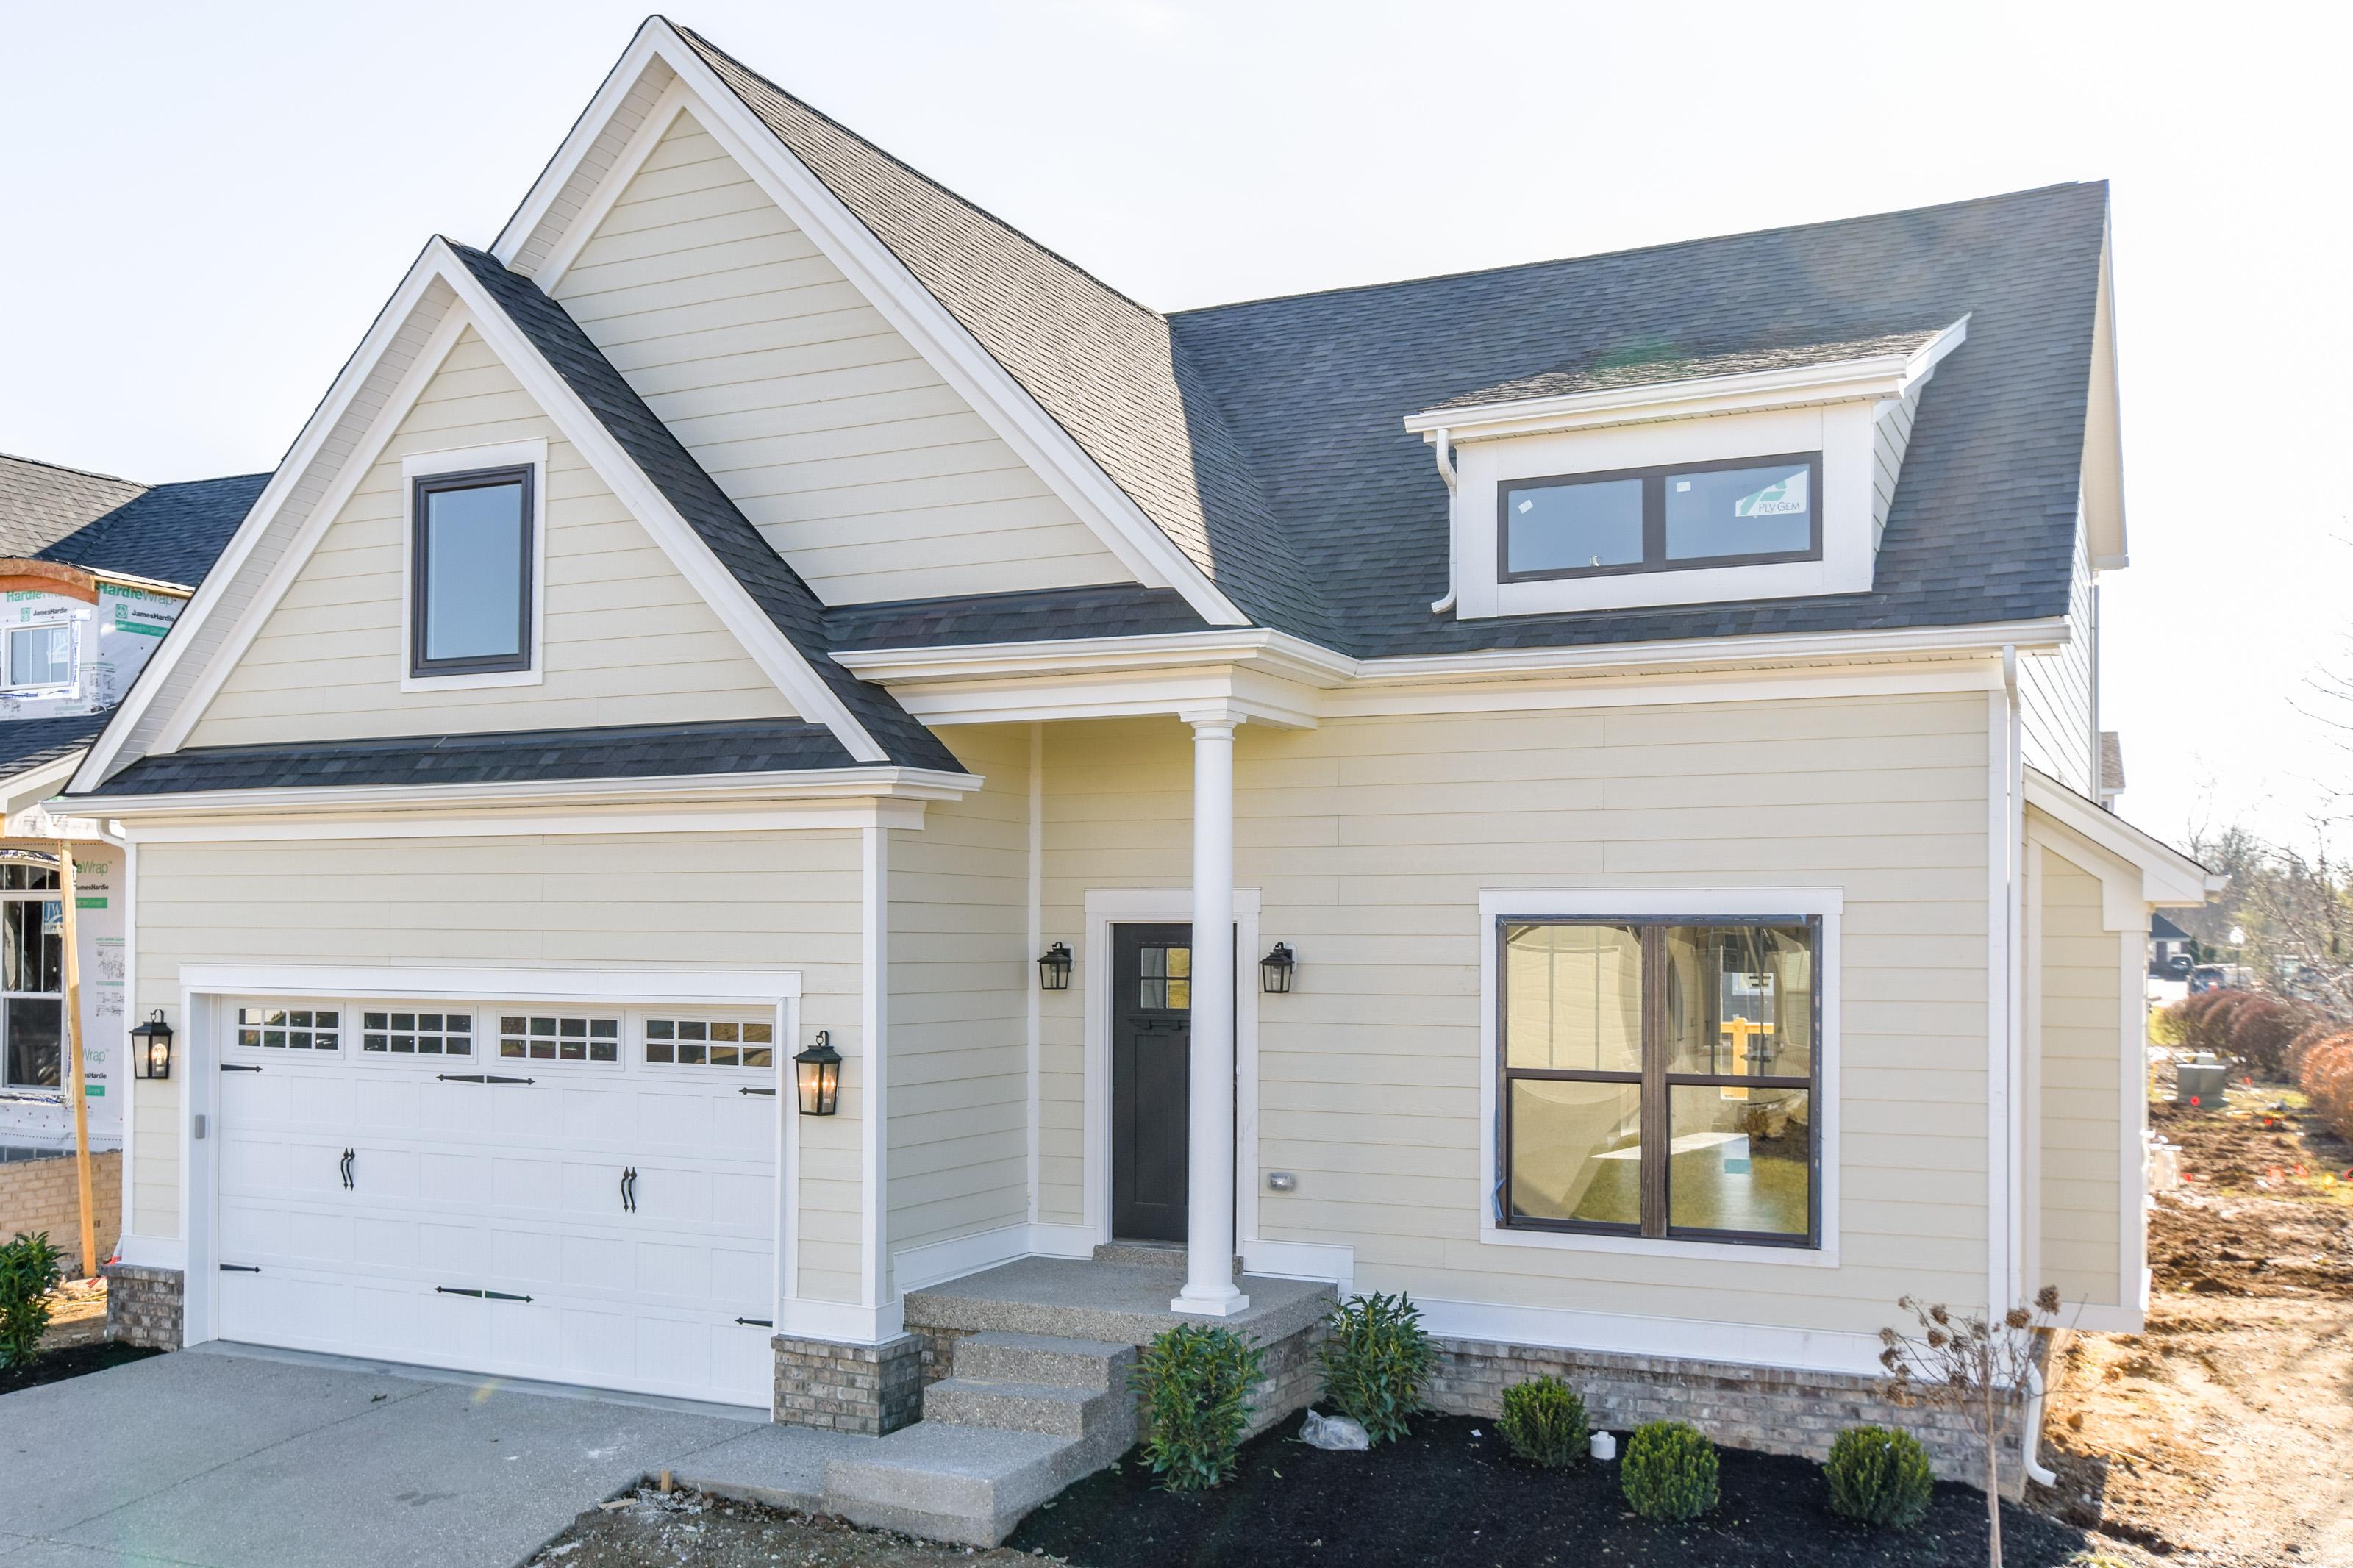 Частный односемейный дом для того Продажа на 1705 Victory Place Prospect, Кентукки 40059 Соединенные Штаты